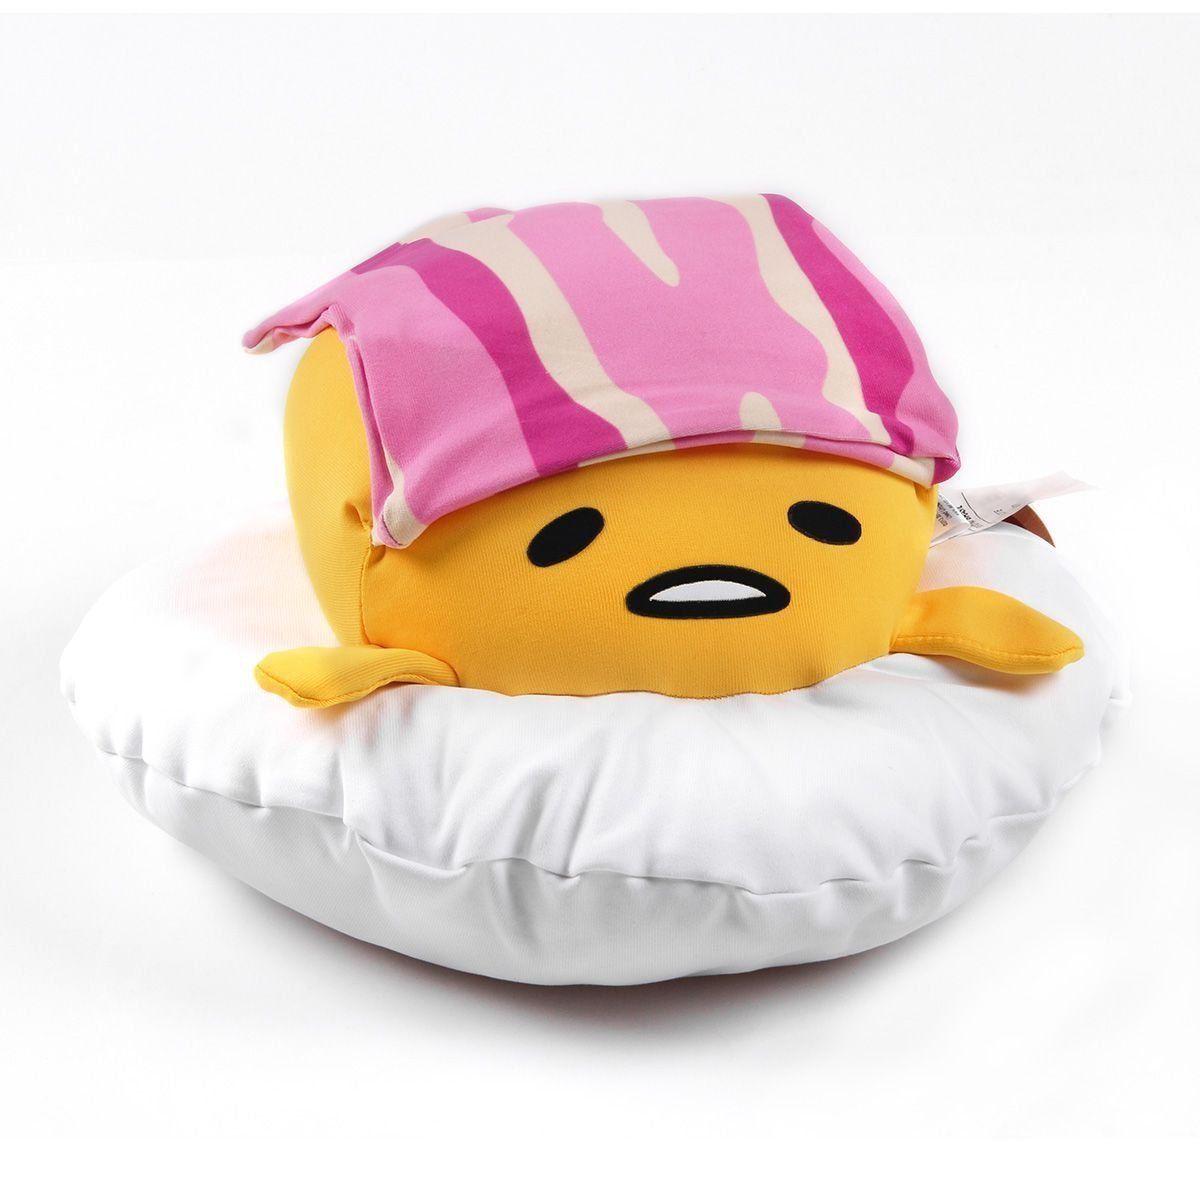 Almofada Gudetama Cobertor de Bacon Oficial  - bandUP Store Marketplace